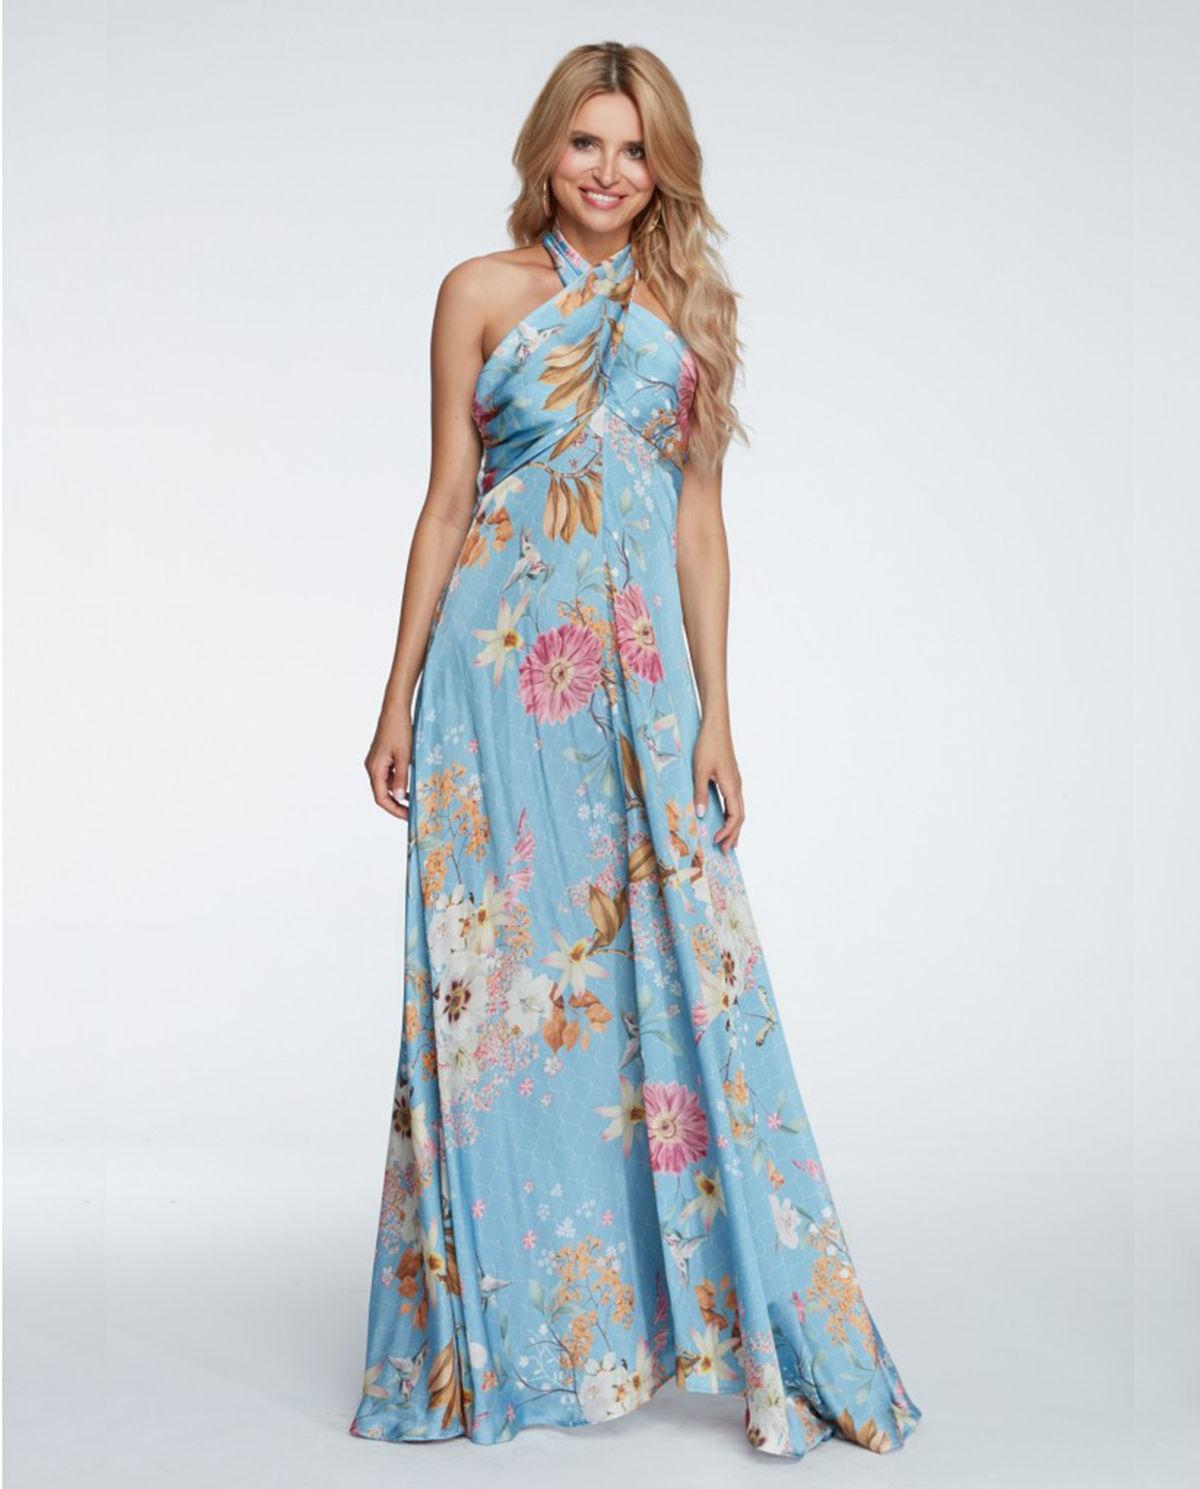 4555b1fa65bbd6 Sukienka maxi Sofia. Powrót do listingu produktów. CENA 499 zł. wkrótce.  powiększ